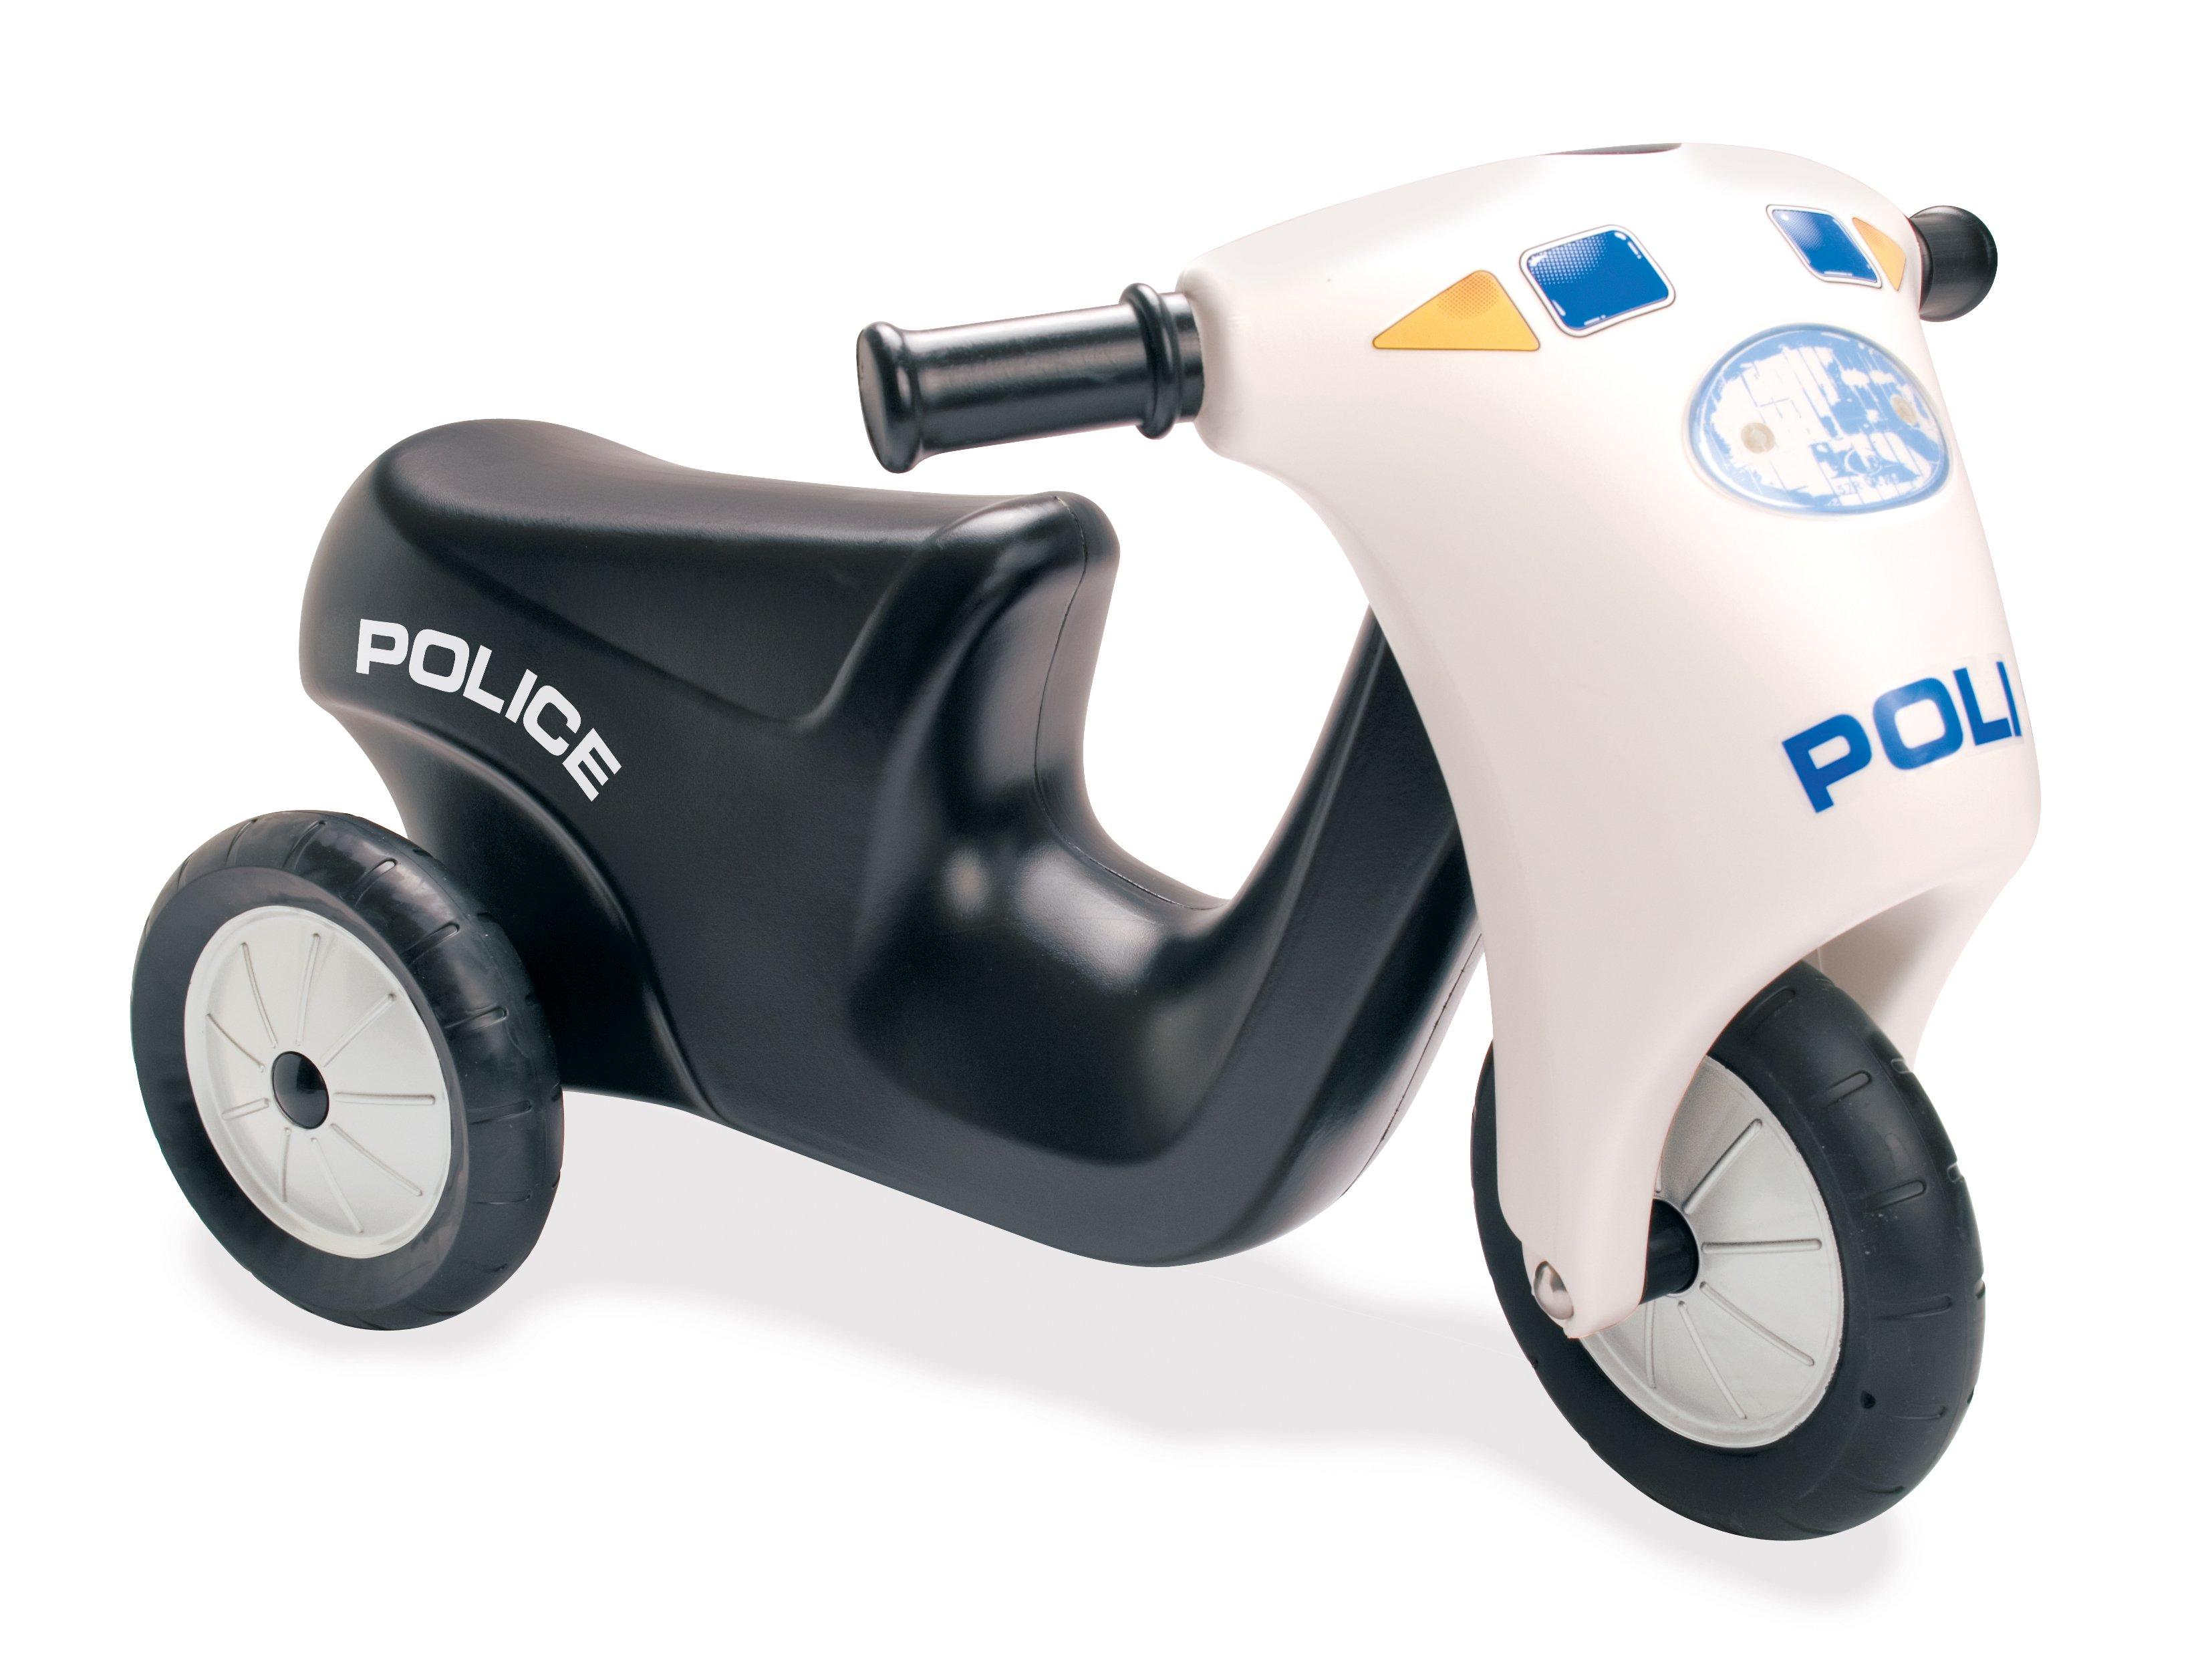 Politi Scooter med Gummihjul